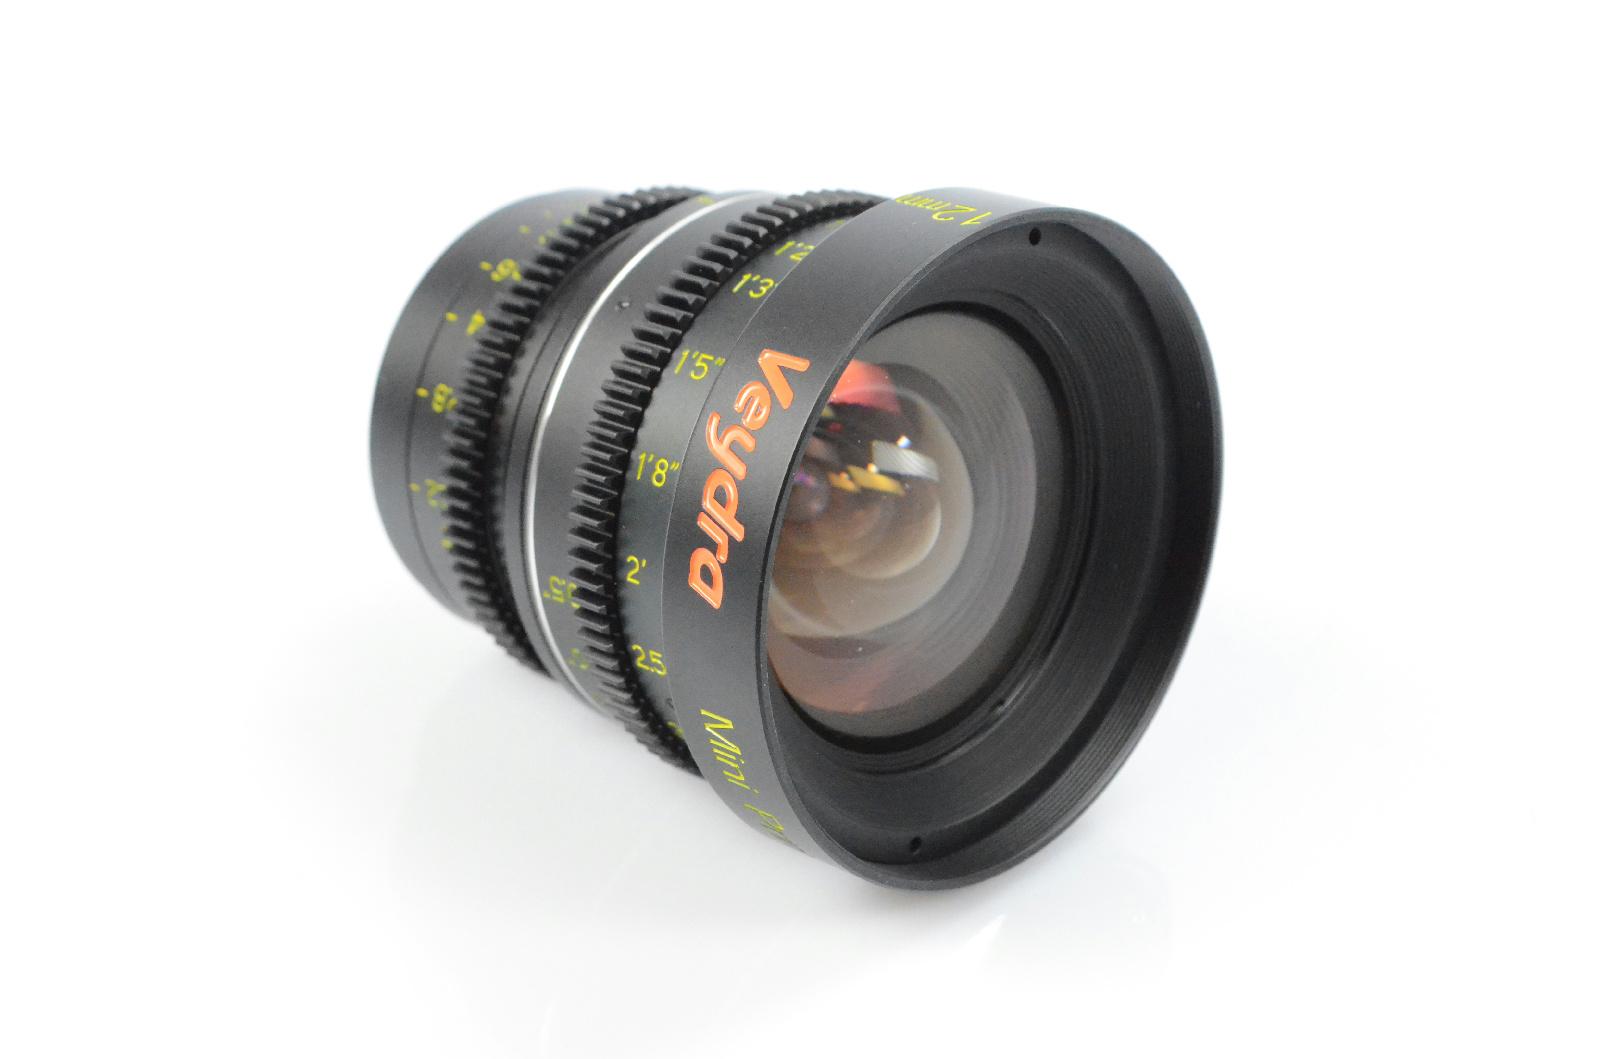 Veydra Mini Prime 12mm T2.2 C-Mount Lens Vey-V1-12T22CMOUNTI #33033